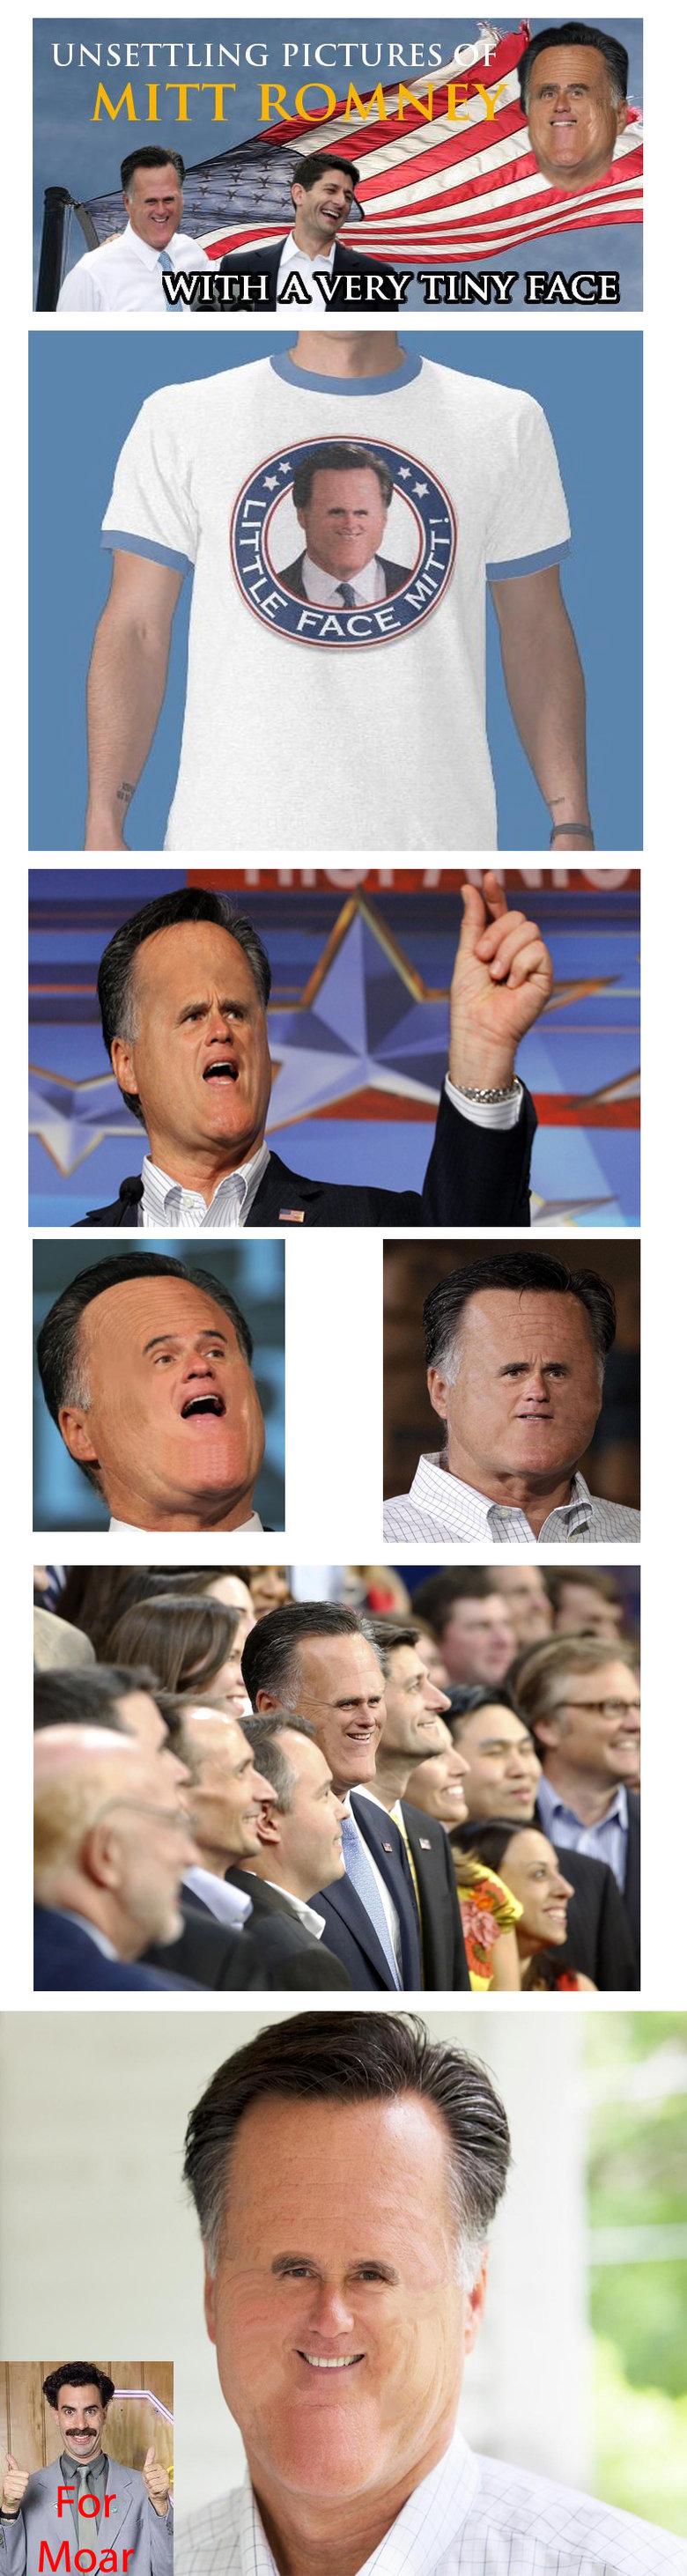 Little Face Mitt Has A Little Face. Oh little face Mitt y u so silly?. UNSETTLING ,. Mott Romnoy Little Mitt Romn